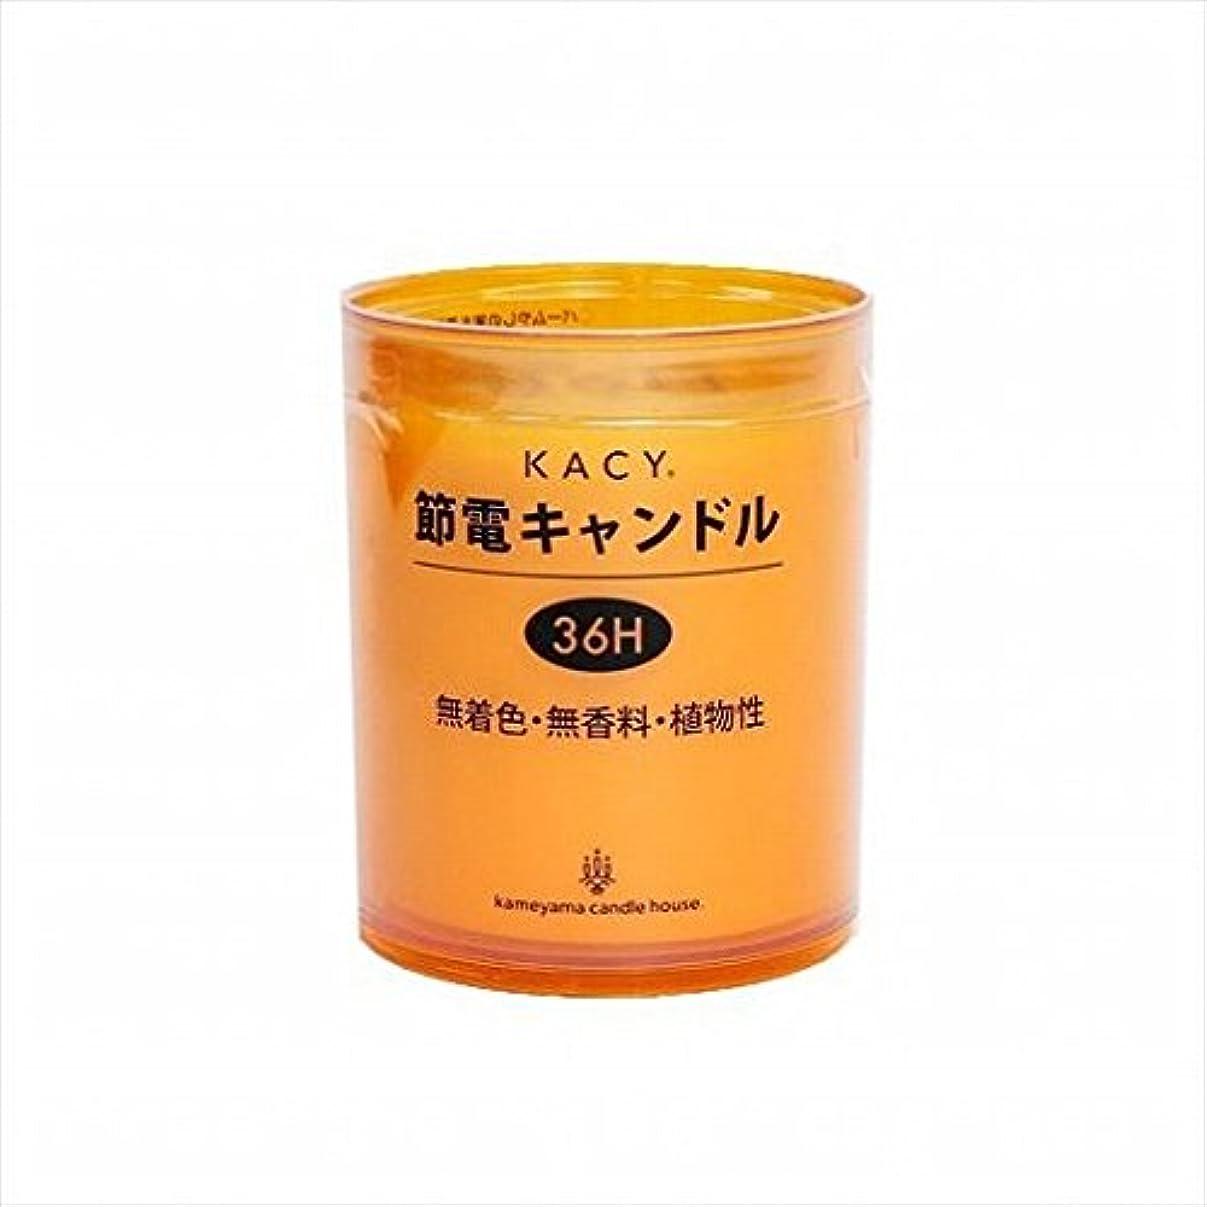 植生人里離れたスナッチkameyama candle(カメヤマキャンドル) 節電キャンドル 36時間タイプ 「 オレンジ 」 キャンドル 83x83x100mm (A9610010OR)